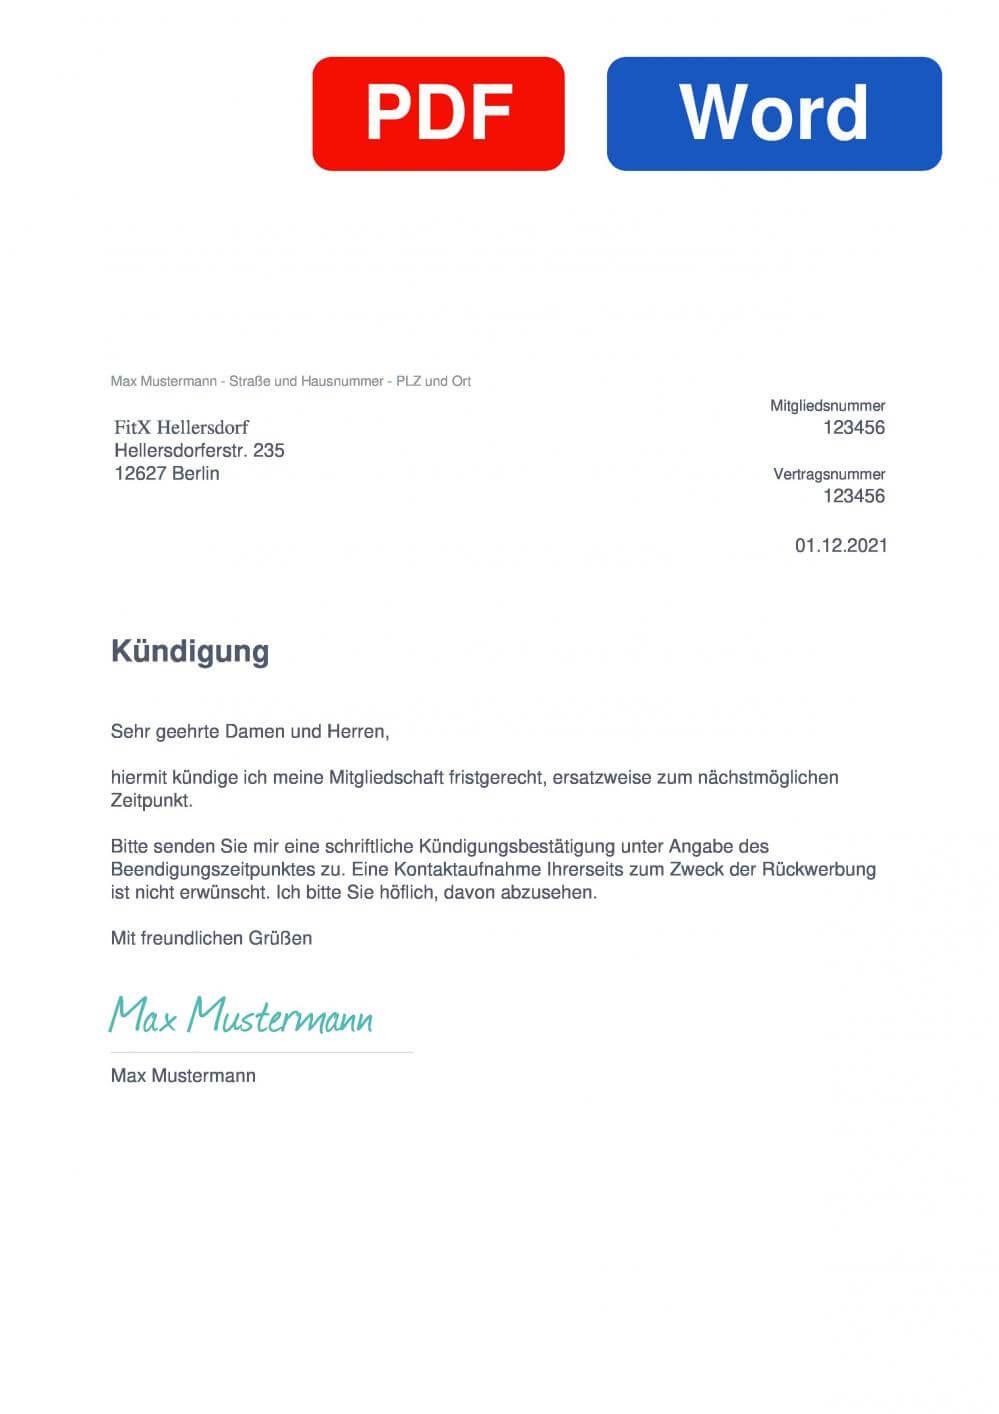 FitX Hellersdorf Muster Vorlage für Kündigungsschreiben